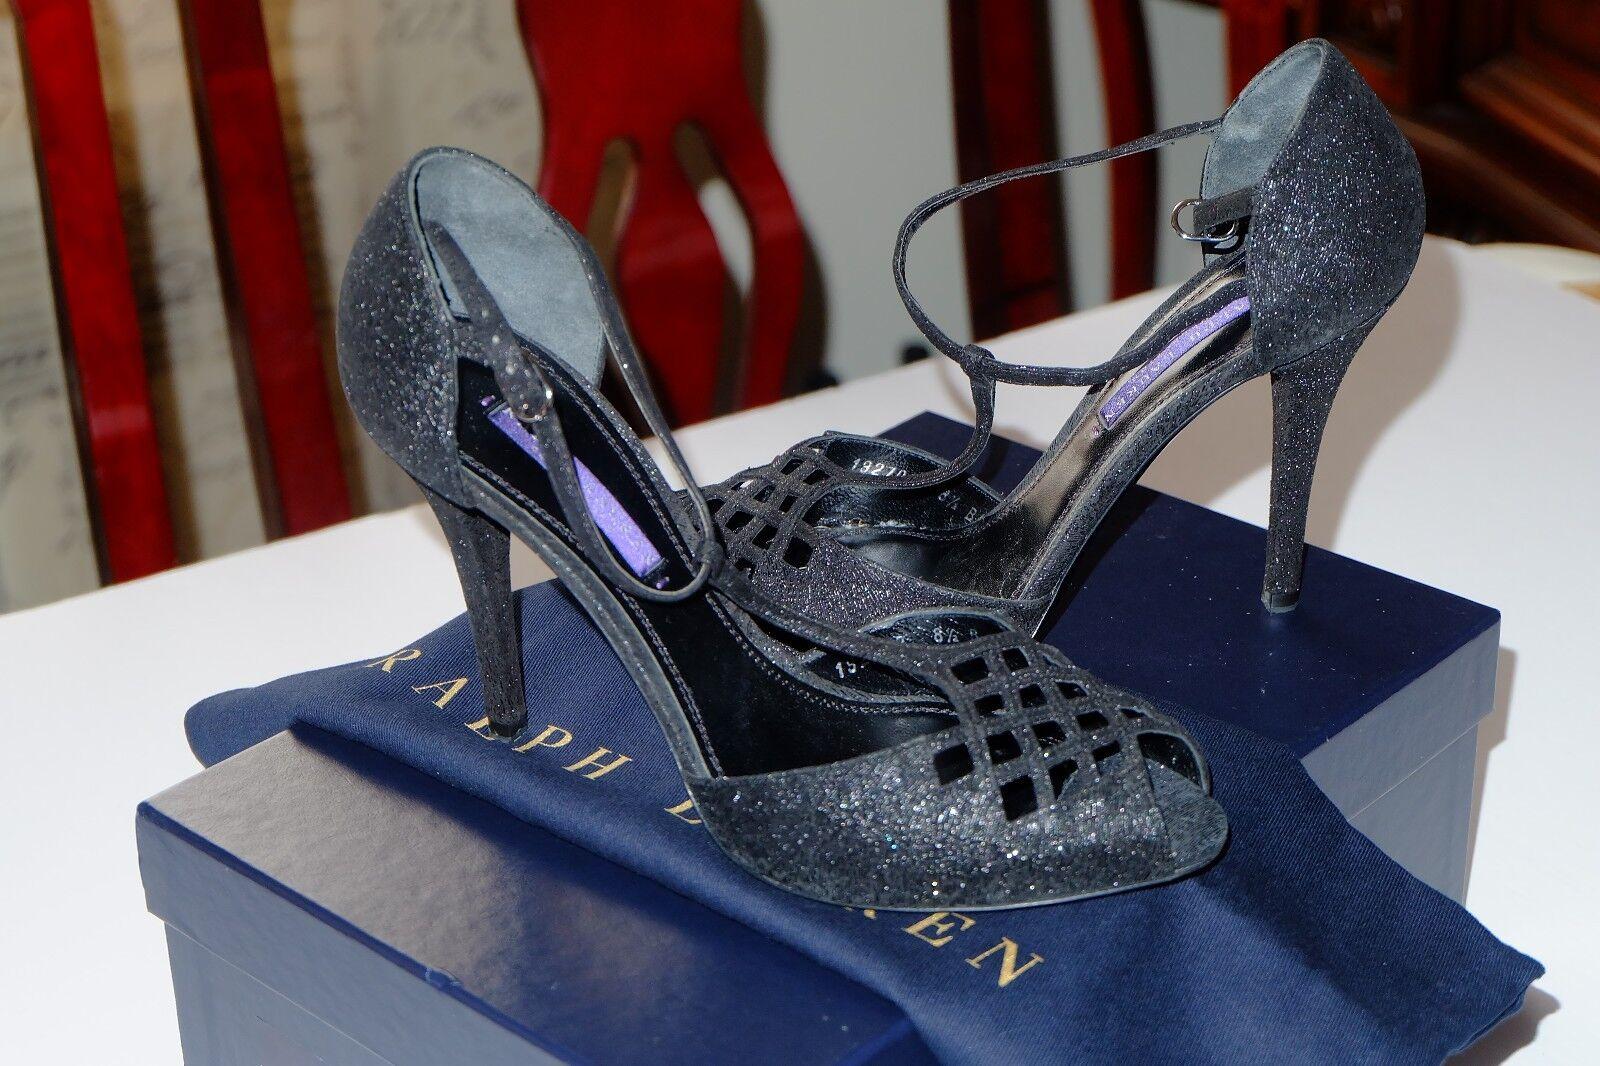 promozioni  695 Authentic RALPH LAUREN LAUREN LAUREN Collection nero Glitter Suede BLATINA Heels, 8.5B  designer online